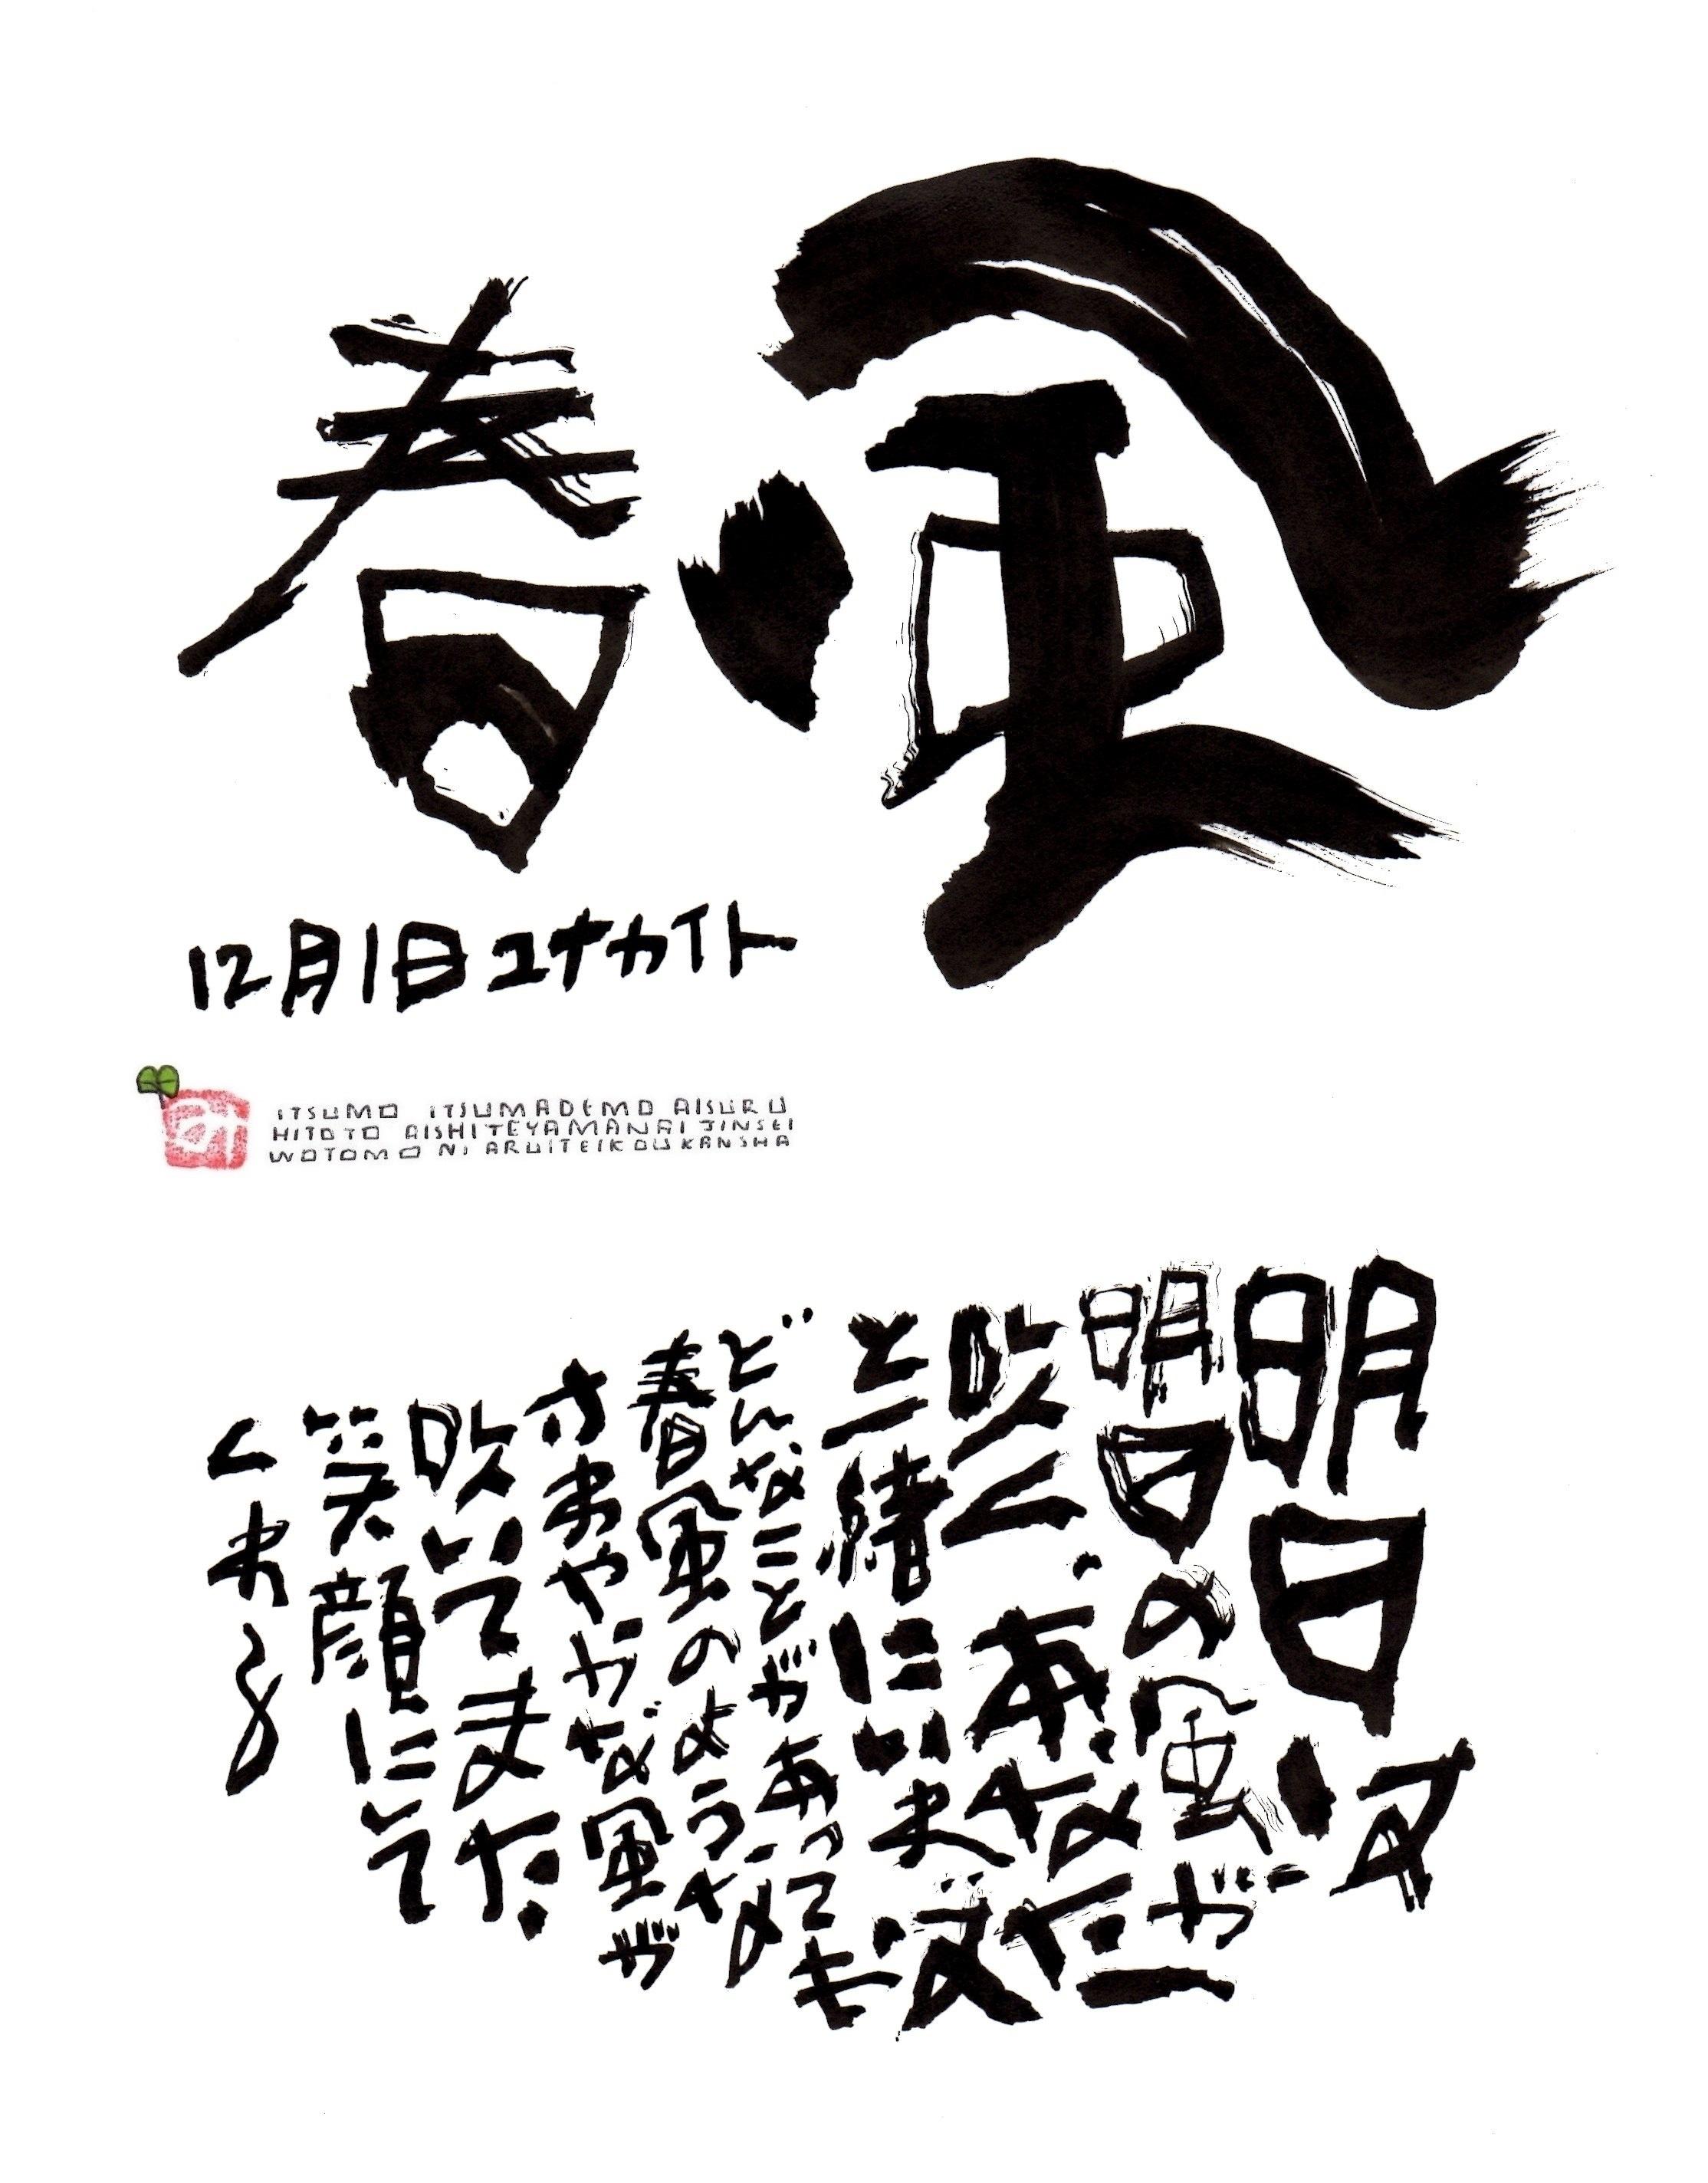 12月1日 結婚記念日ポストカード【春風】